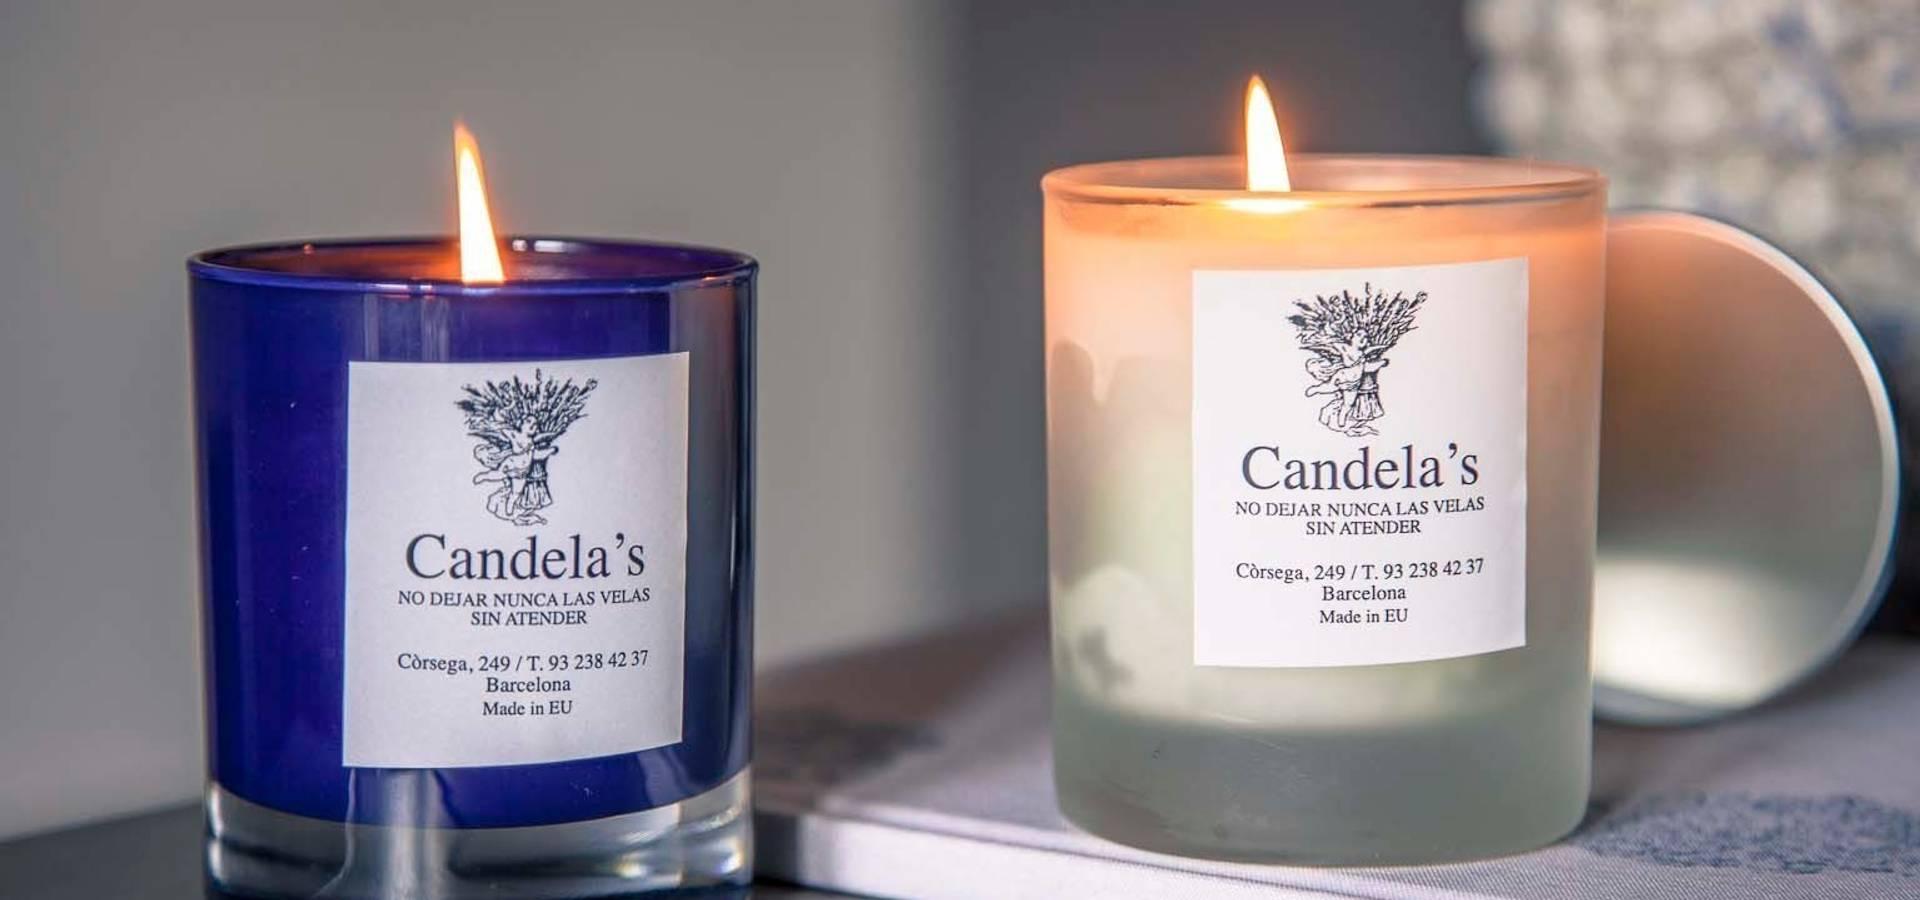 Candela's